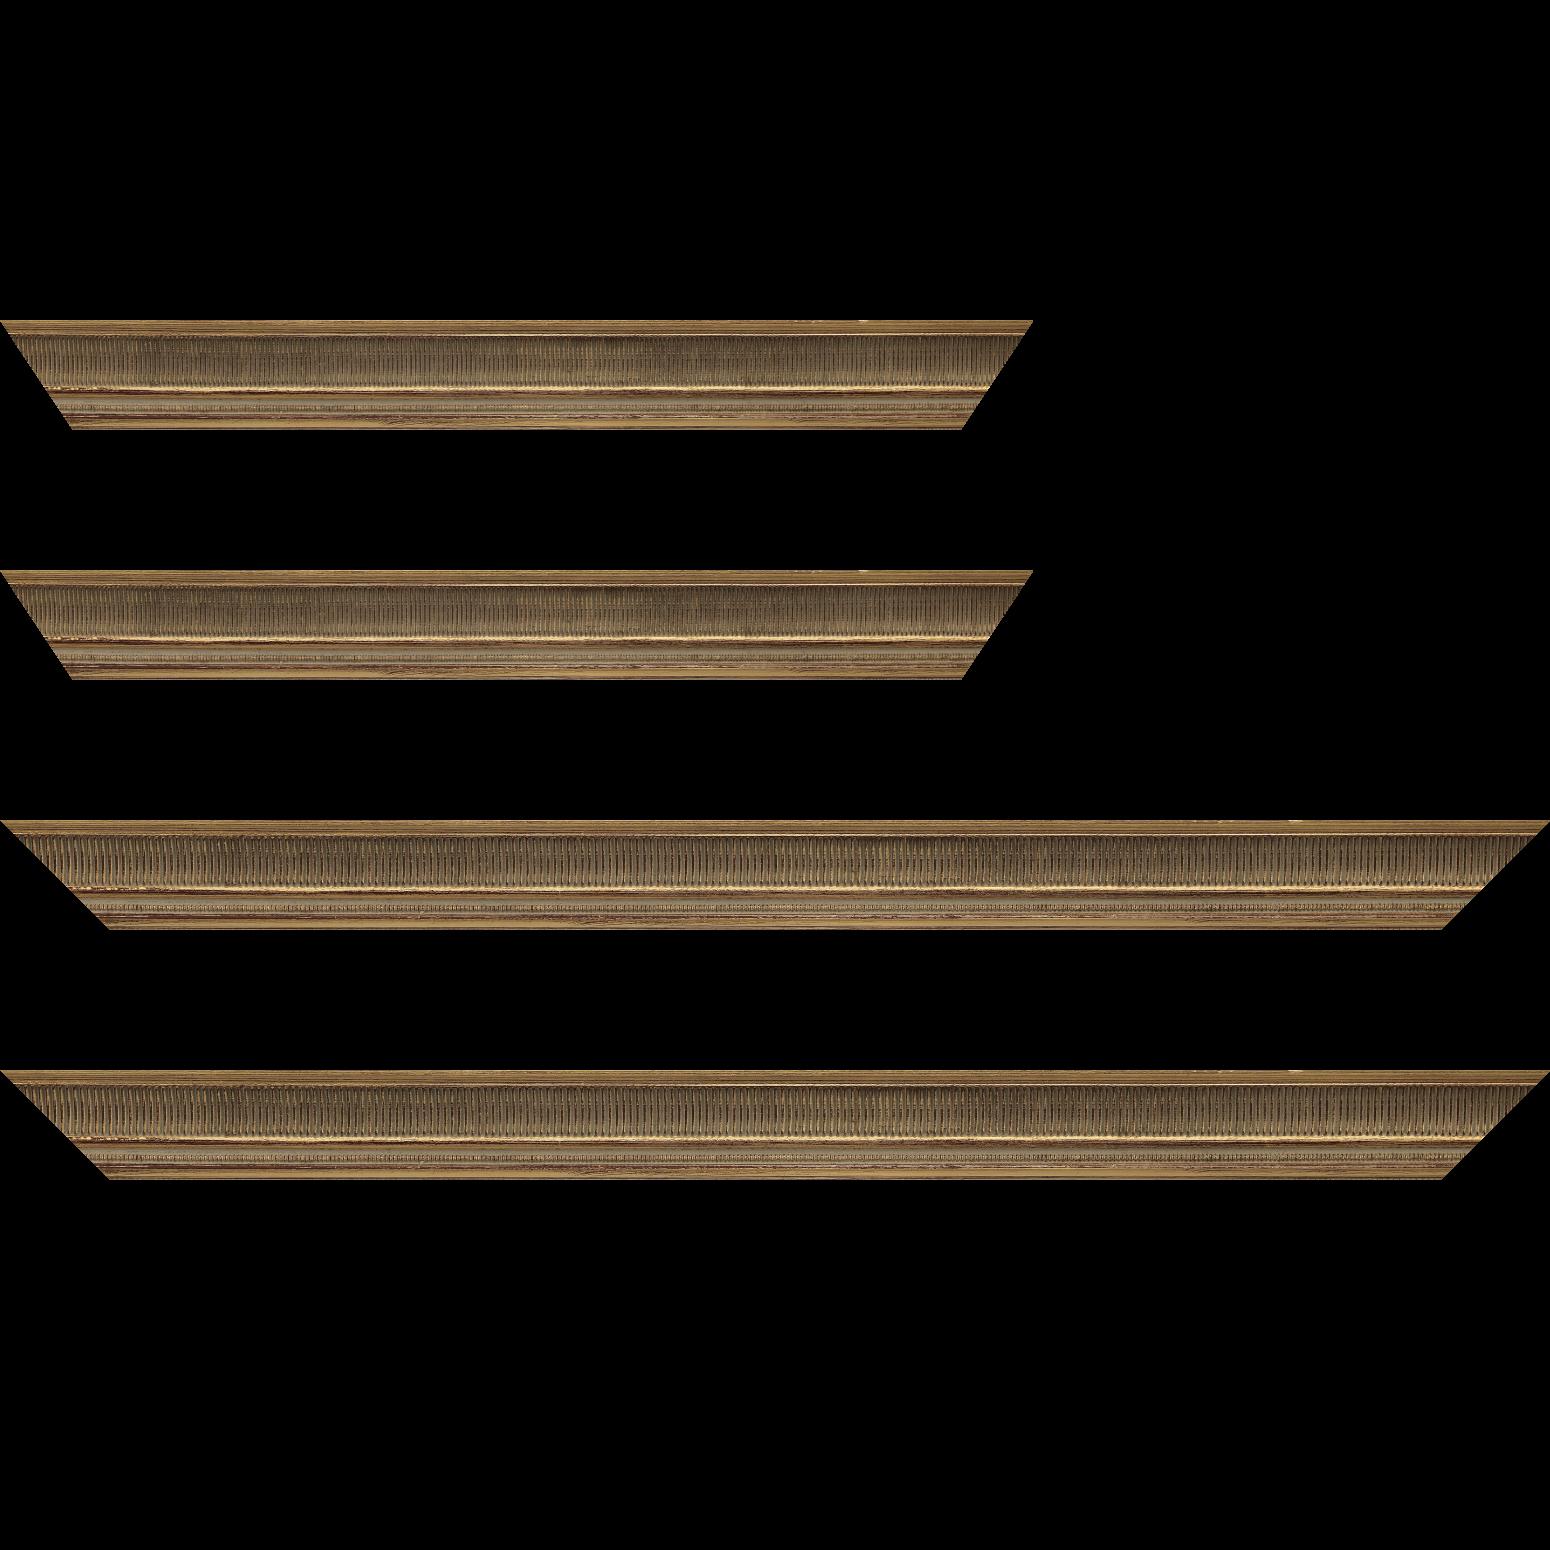 Baguette service précoupé Bois profil incurvé largeur 3.5cm or antique  empire à canaux